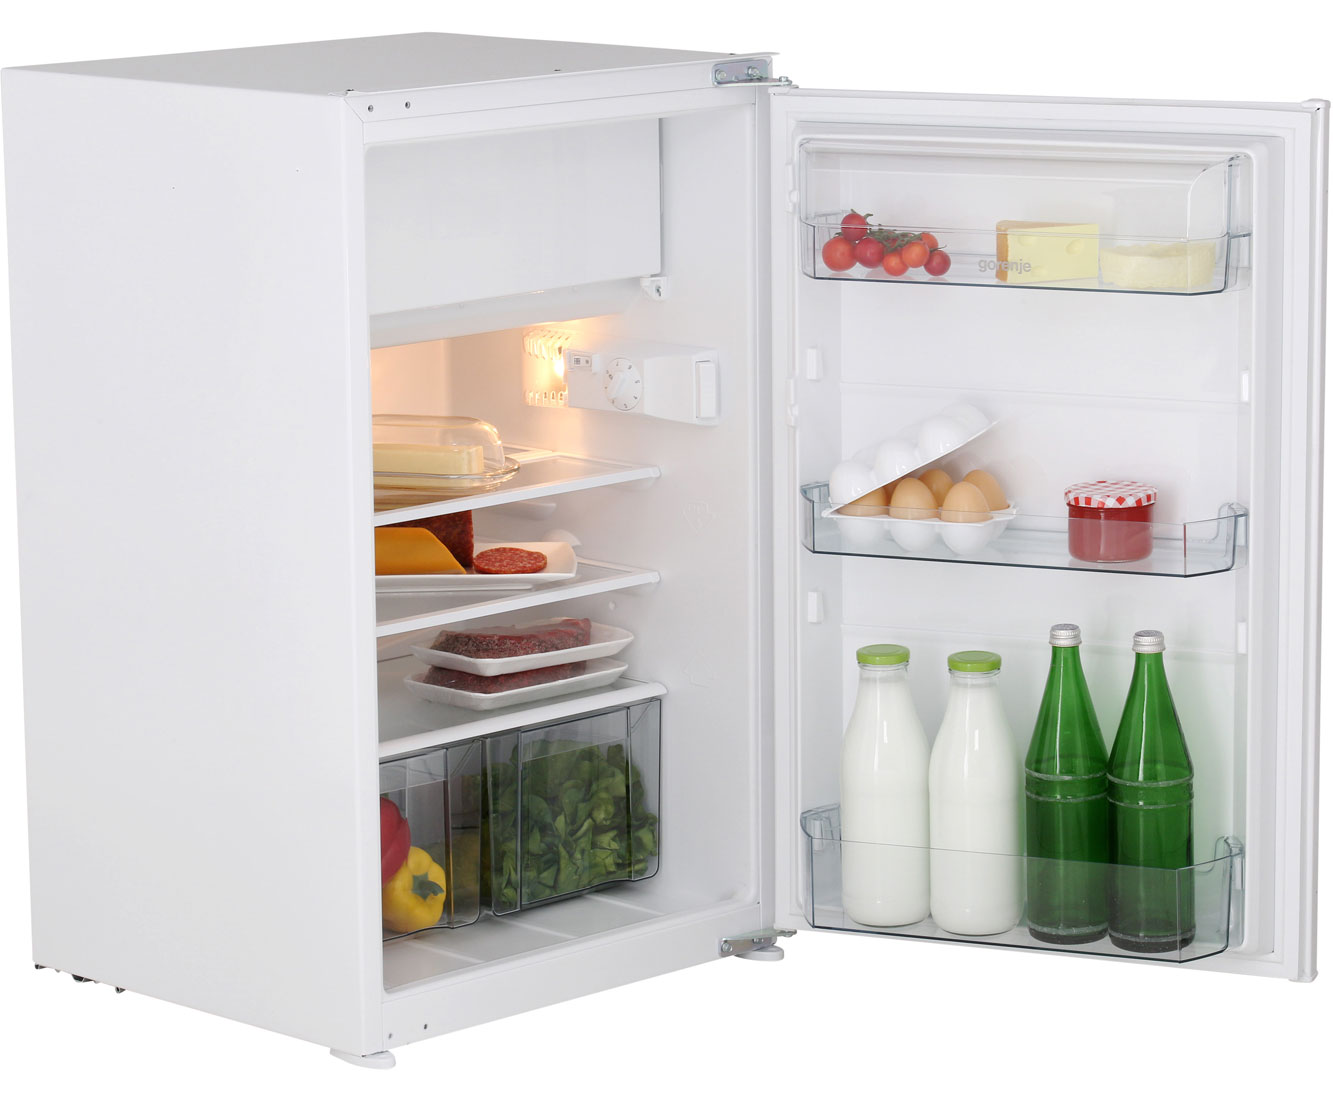 Kleiner Kühlschrank Einbau : Gorenje rbi aw kühlschrank eingebaut cm weiss neu ebay